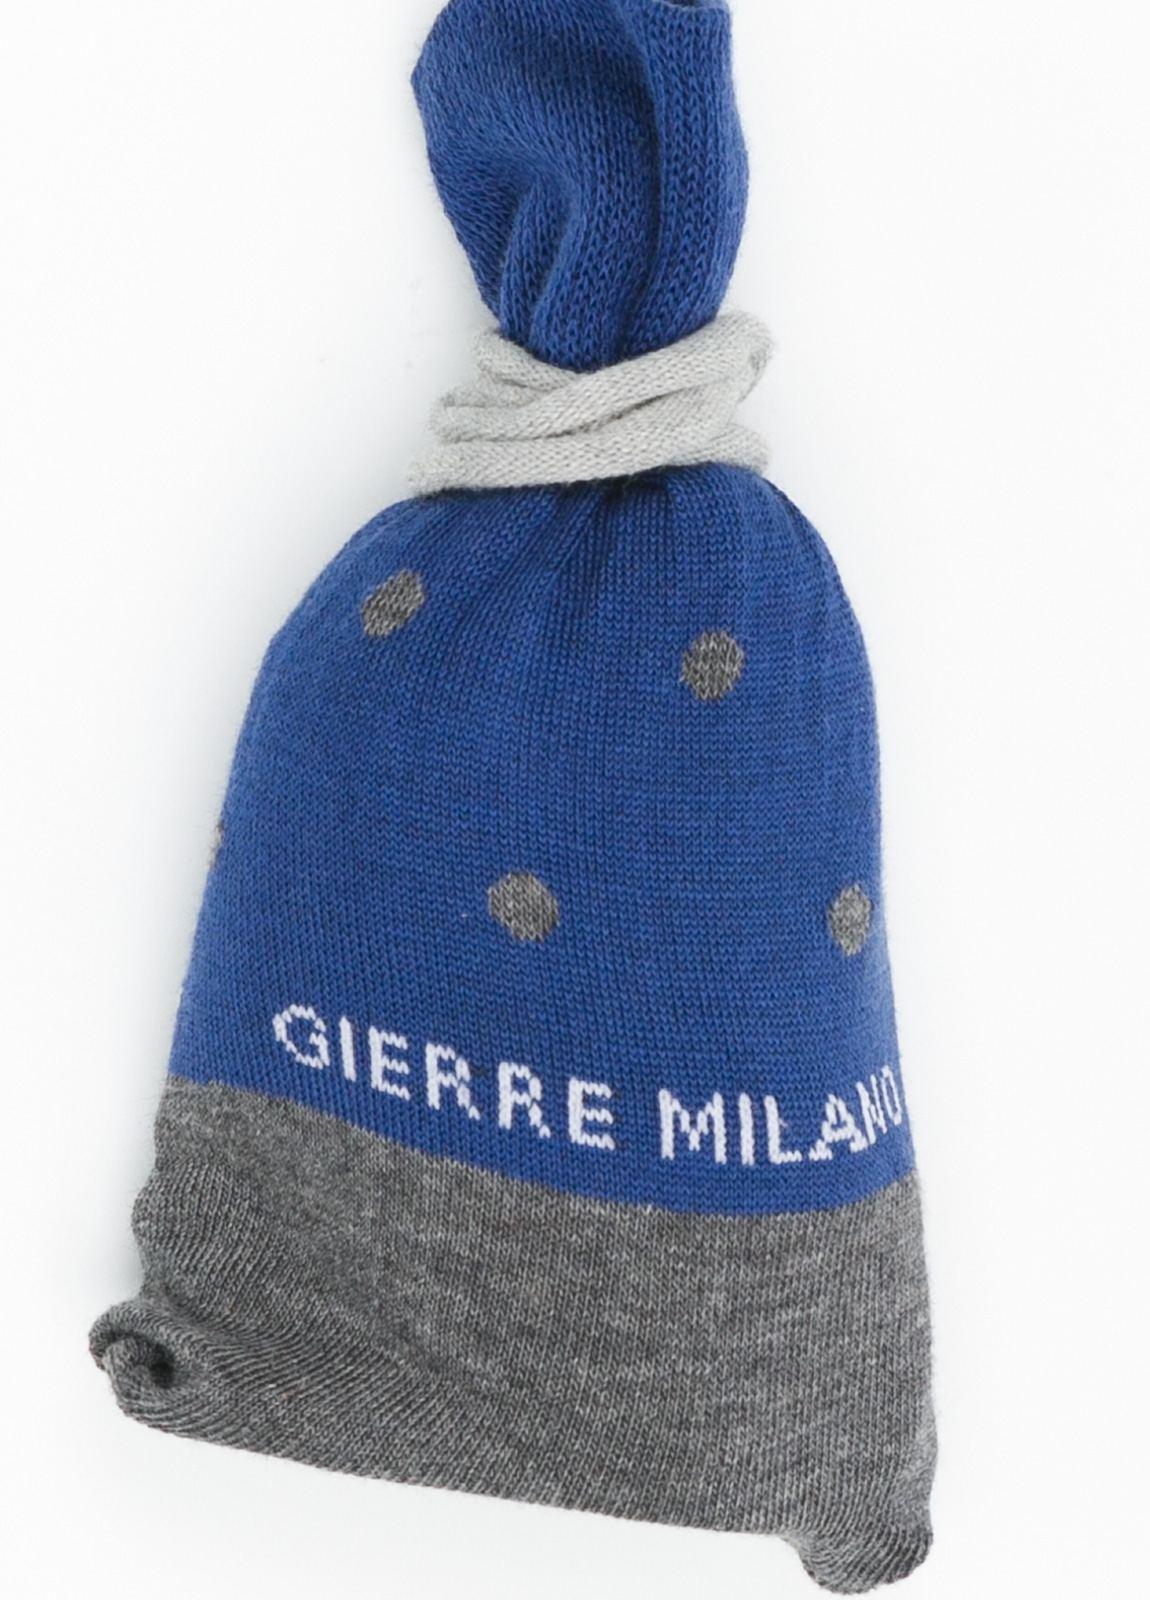 Calcetín corto color azul medio con topito gris y pareja en color gris liso, Algodón. - Ítem1